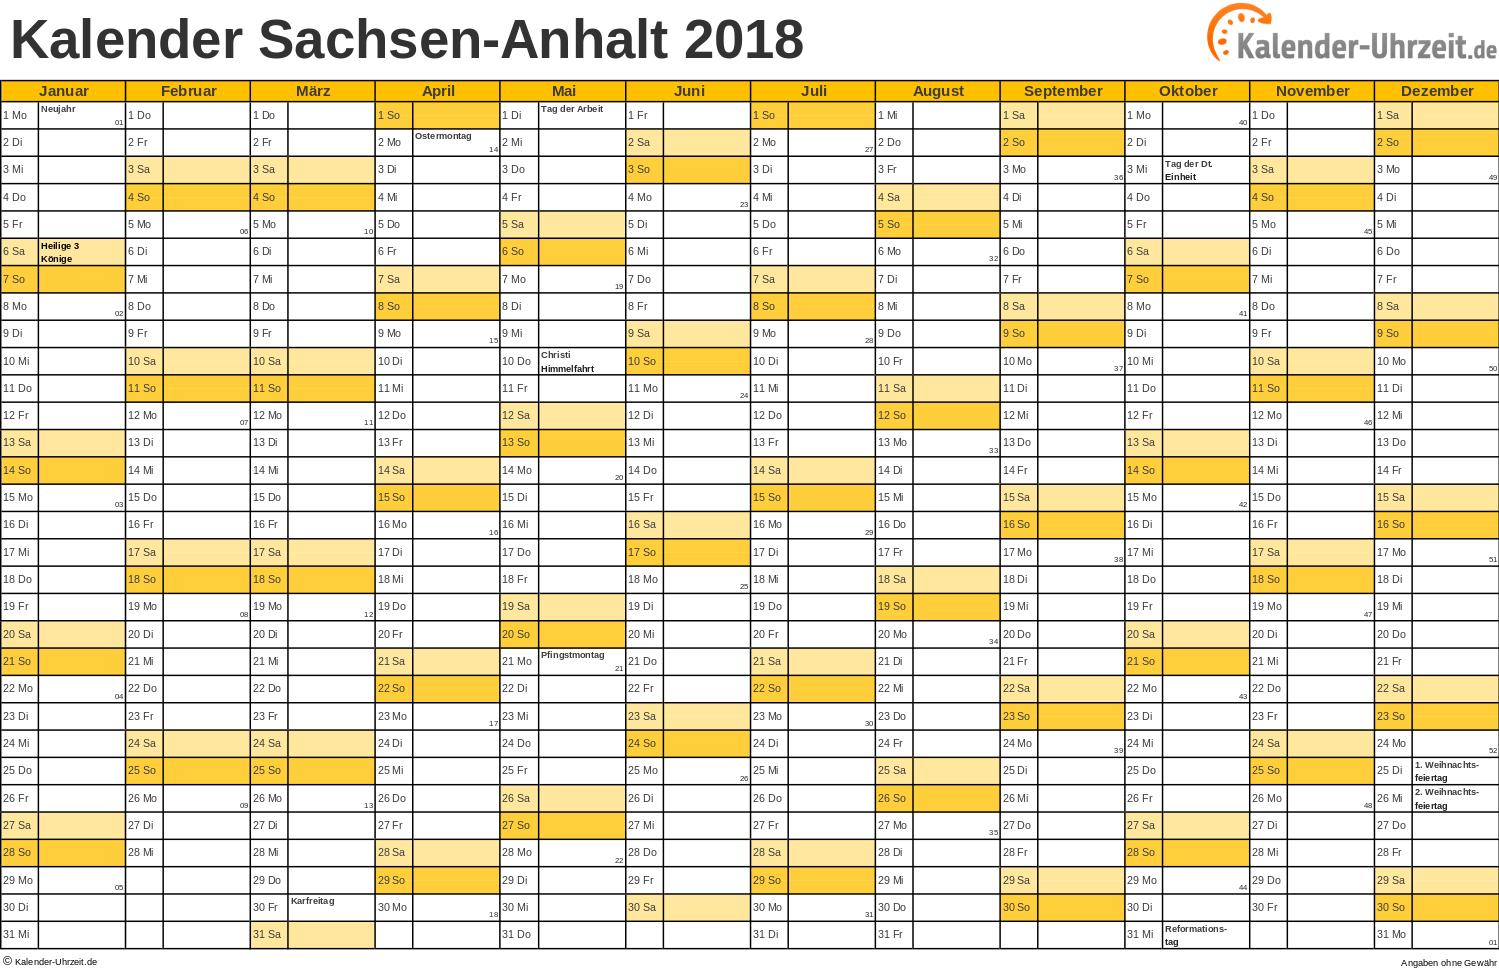 Sachsen-Anhalt Kalender 2018 mit Feiertagen - quer-einseitig